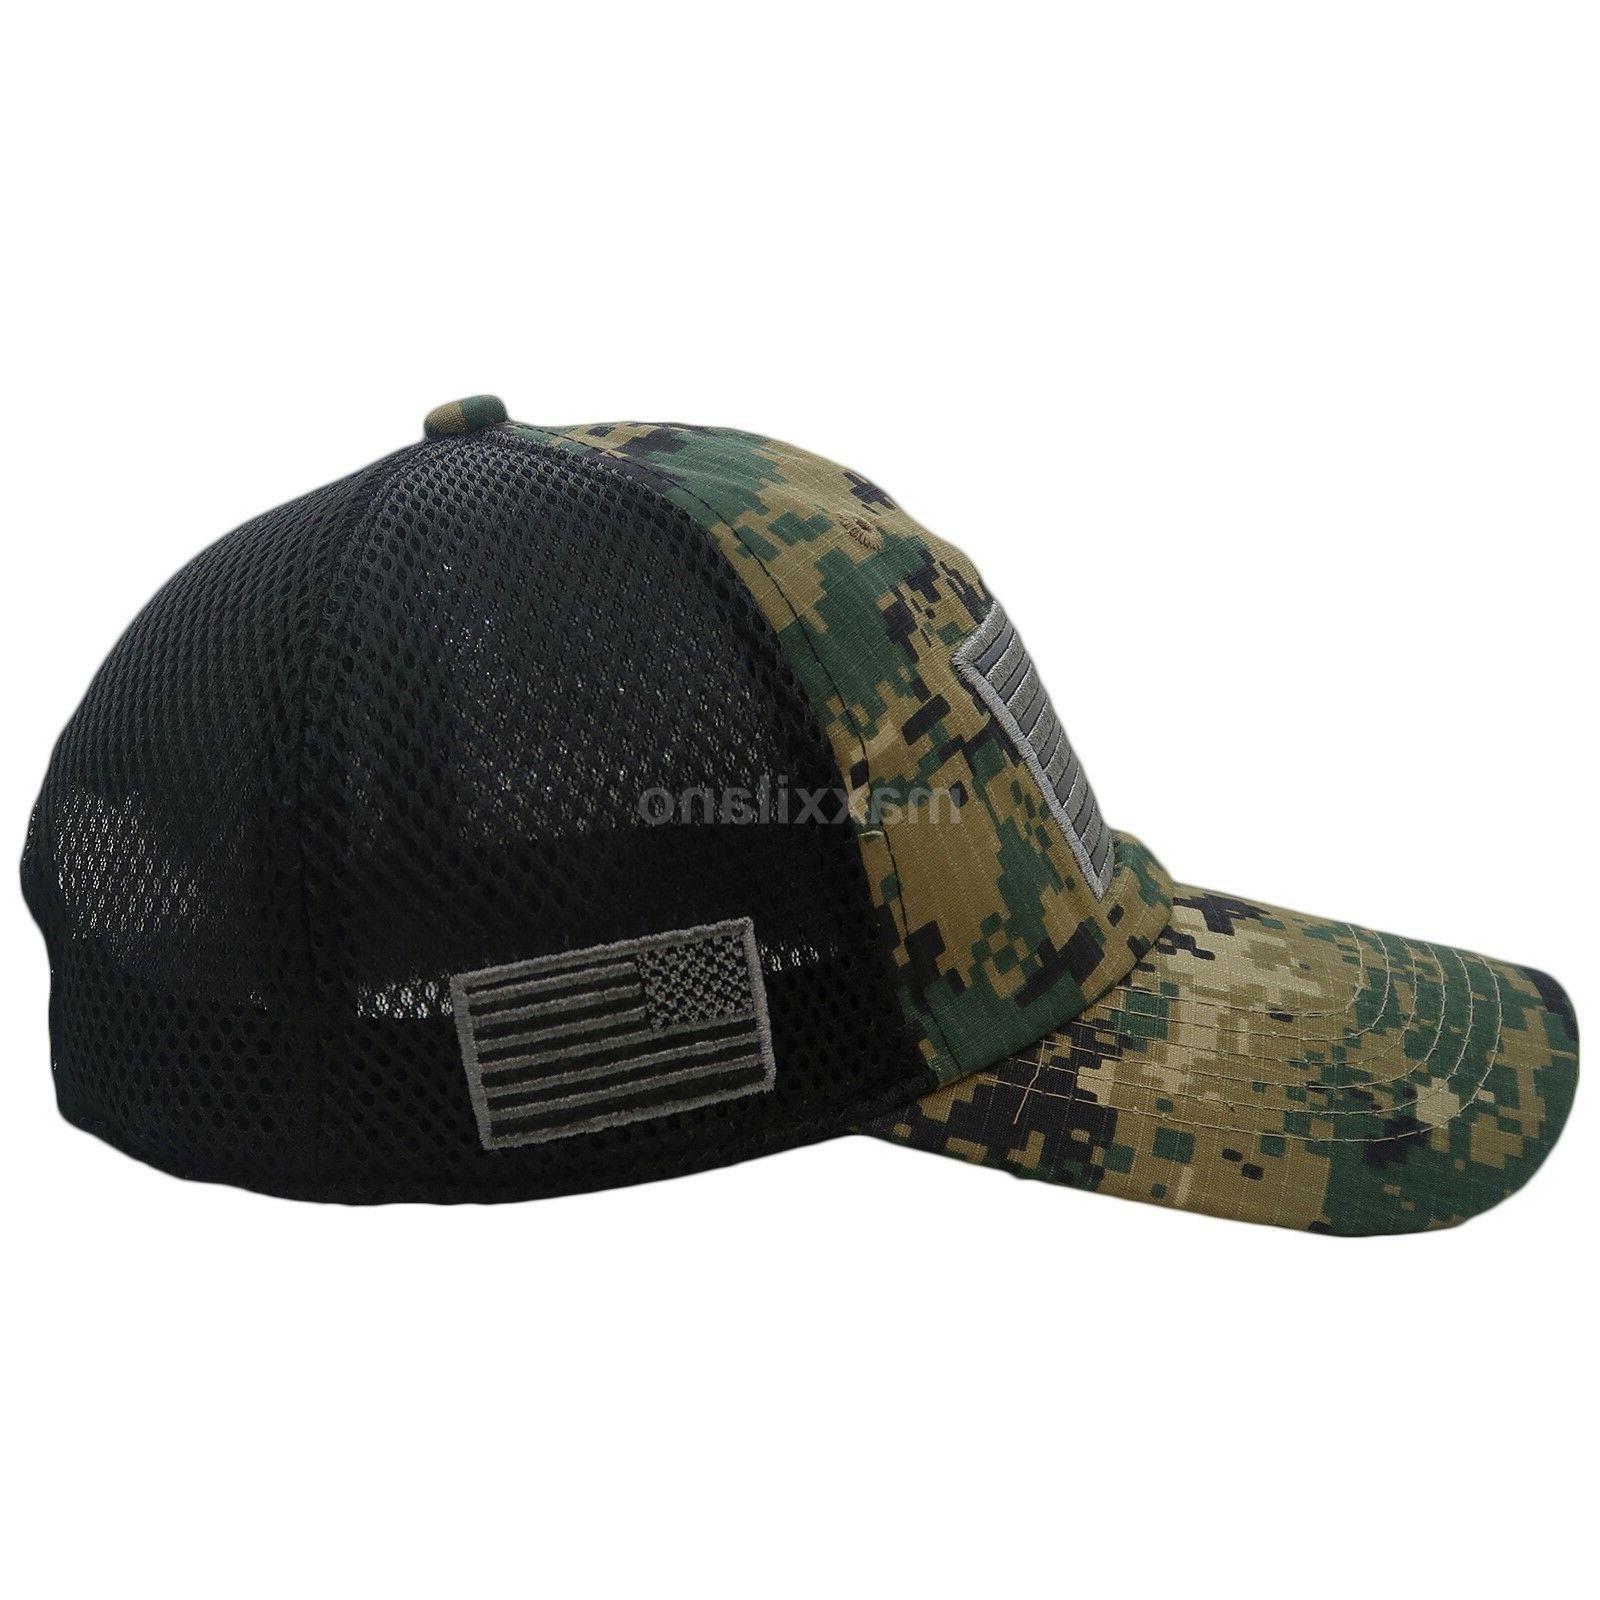 Baseball Cap Mens Army Dad Hat USA Mesh